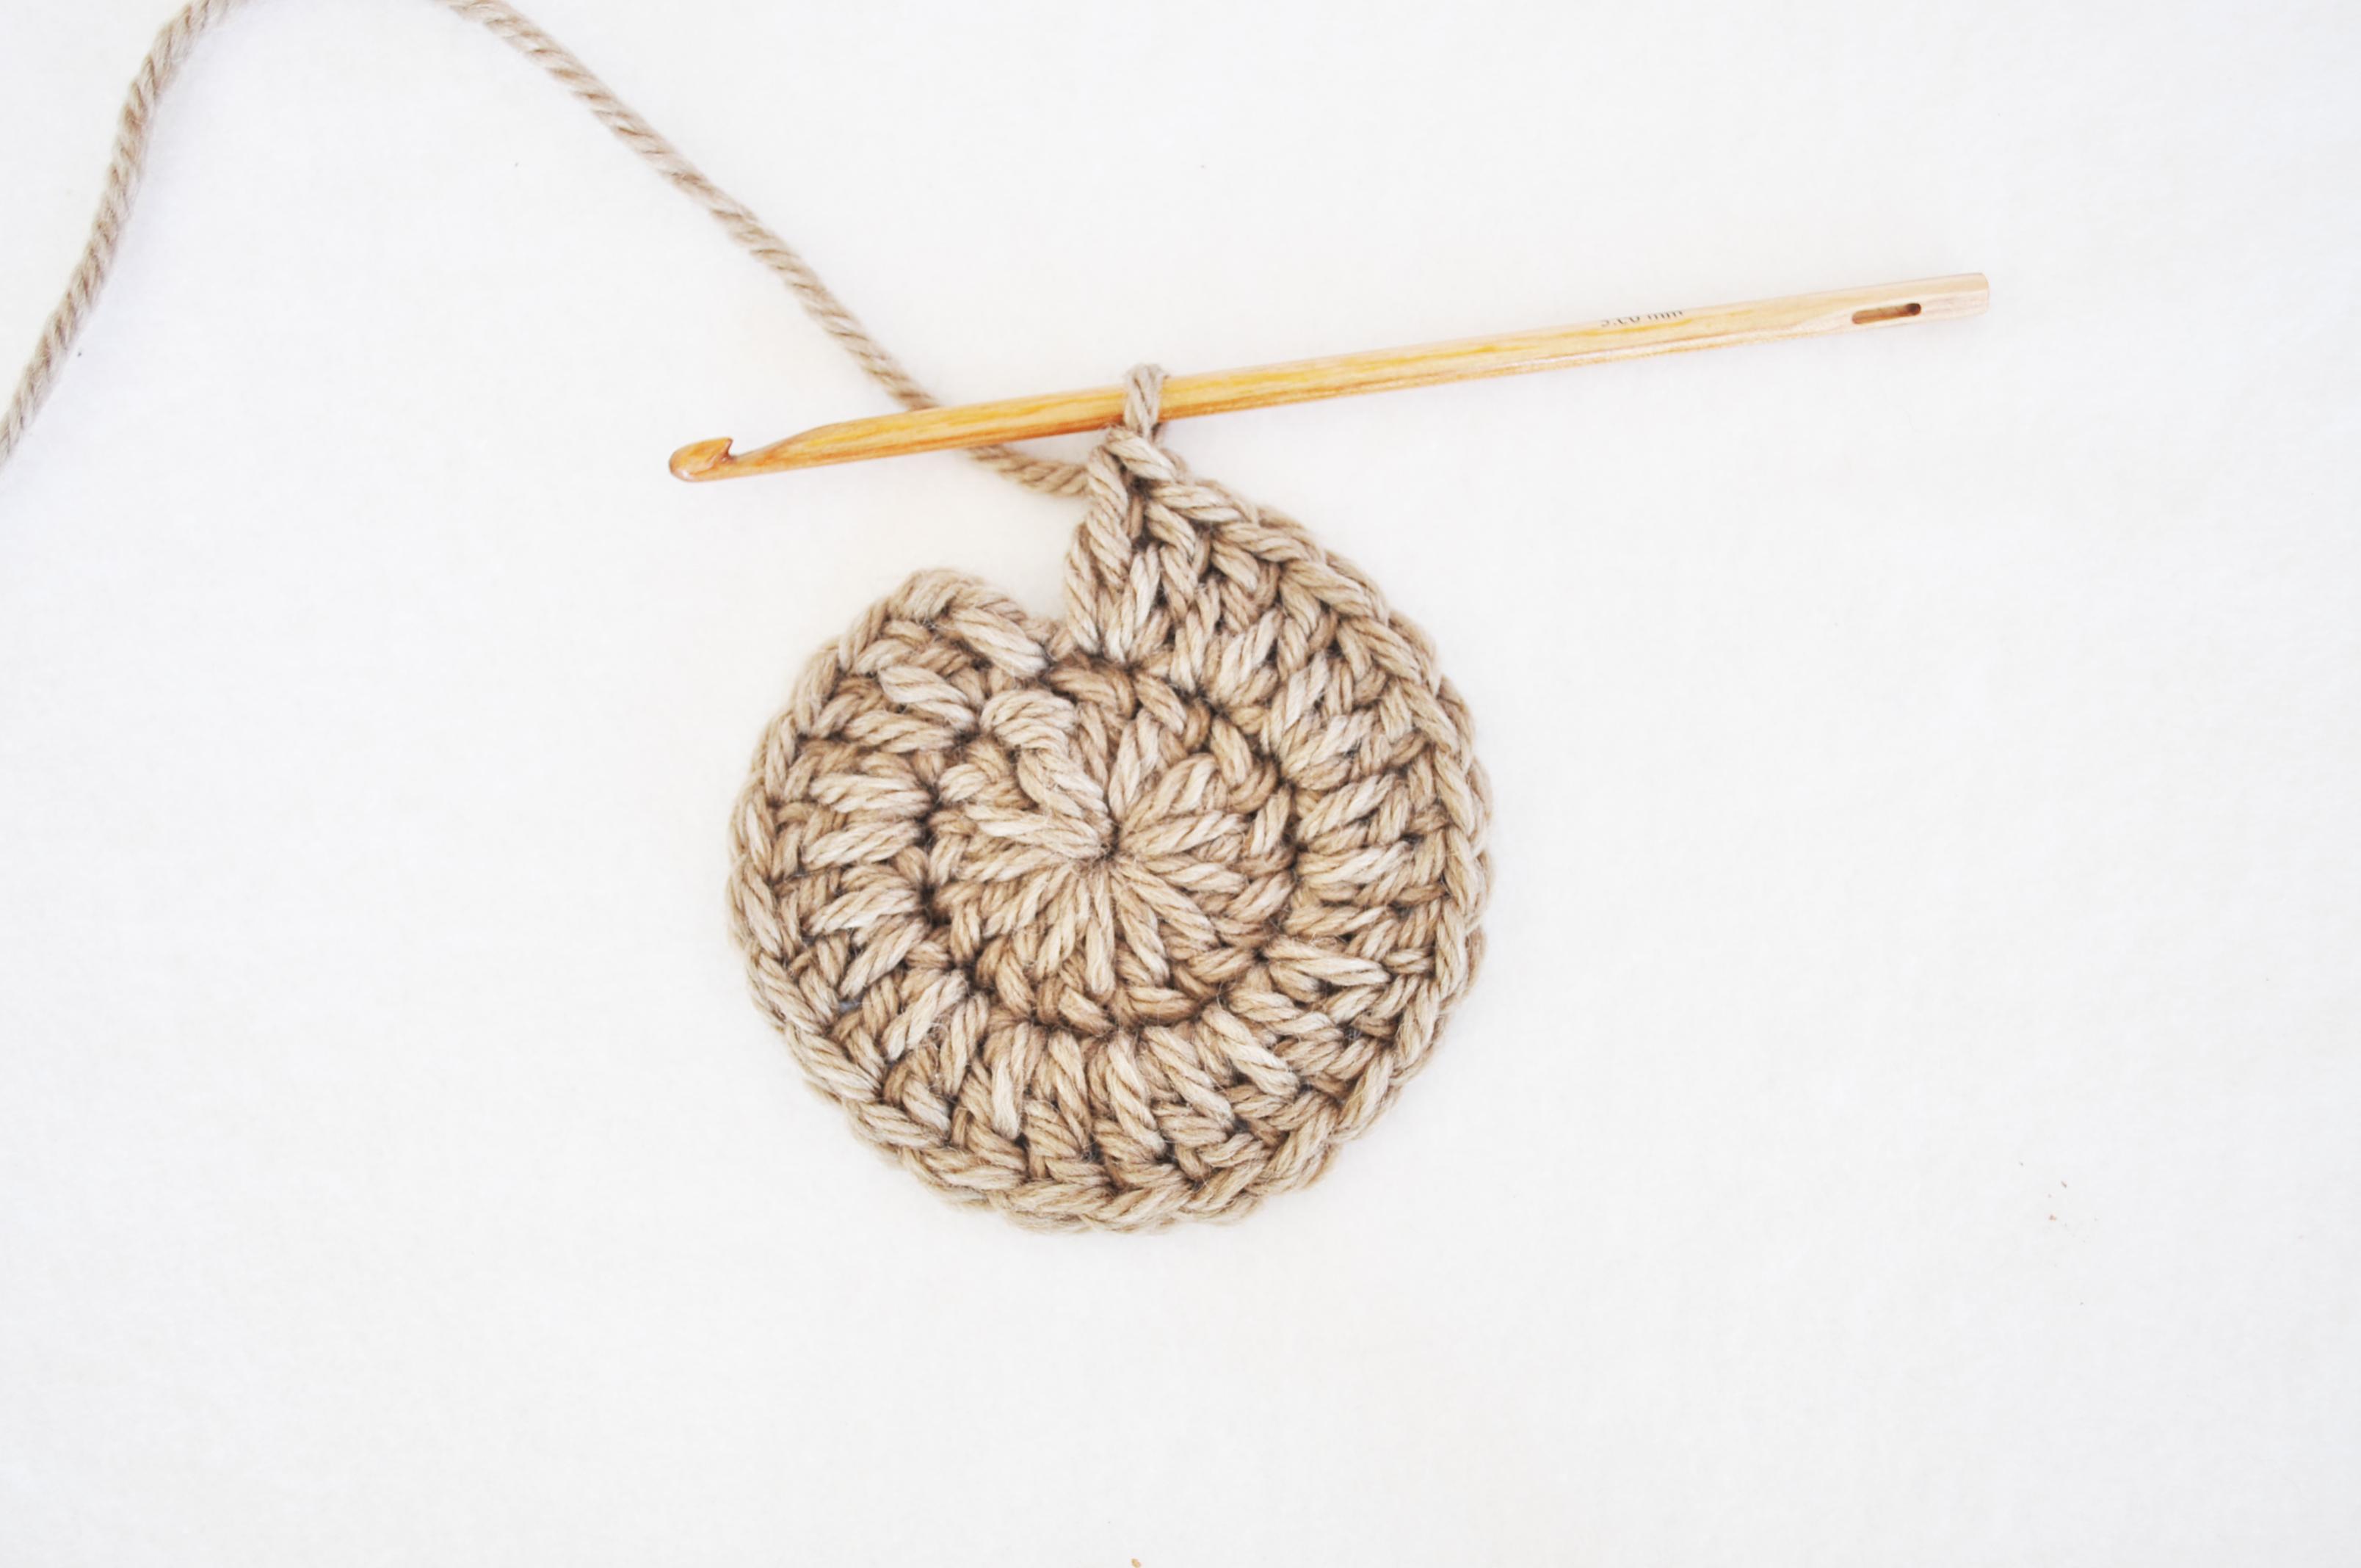 3 maneras de comenzar a tejer un círculo en Crochet